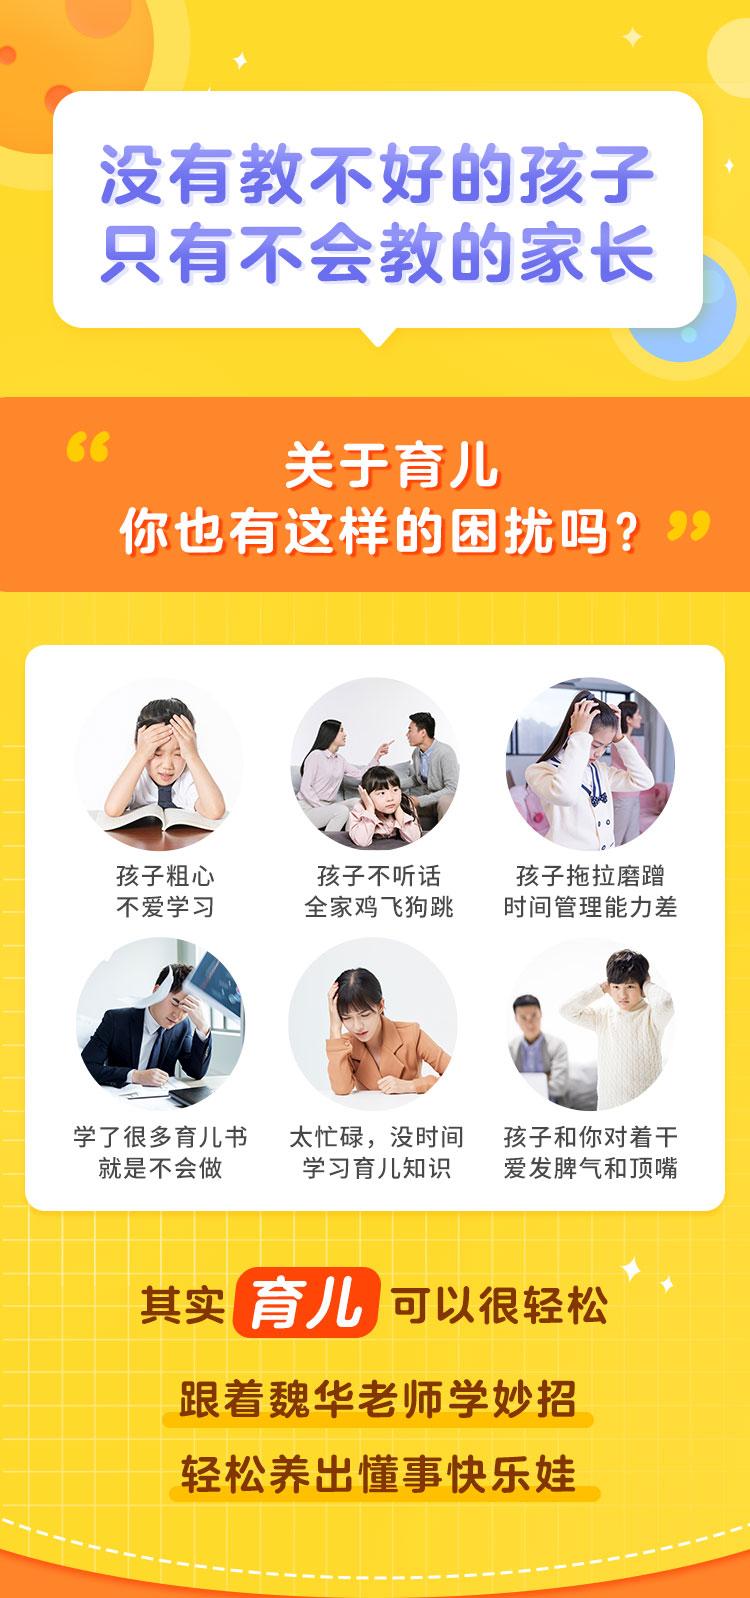 育儿课定稿_05.jpg